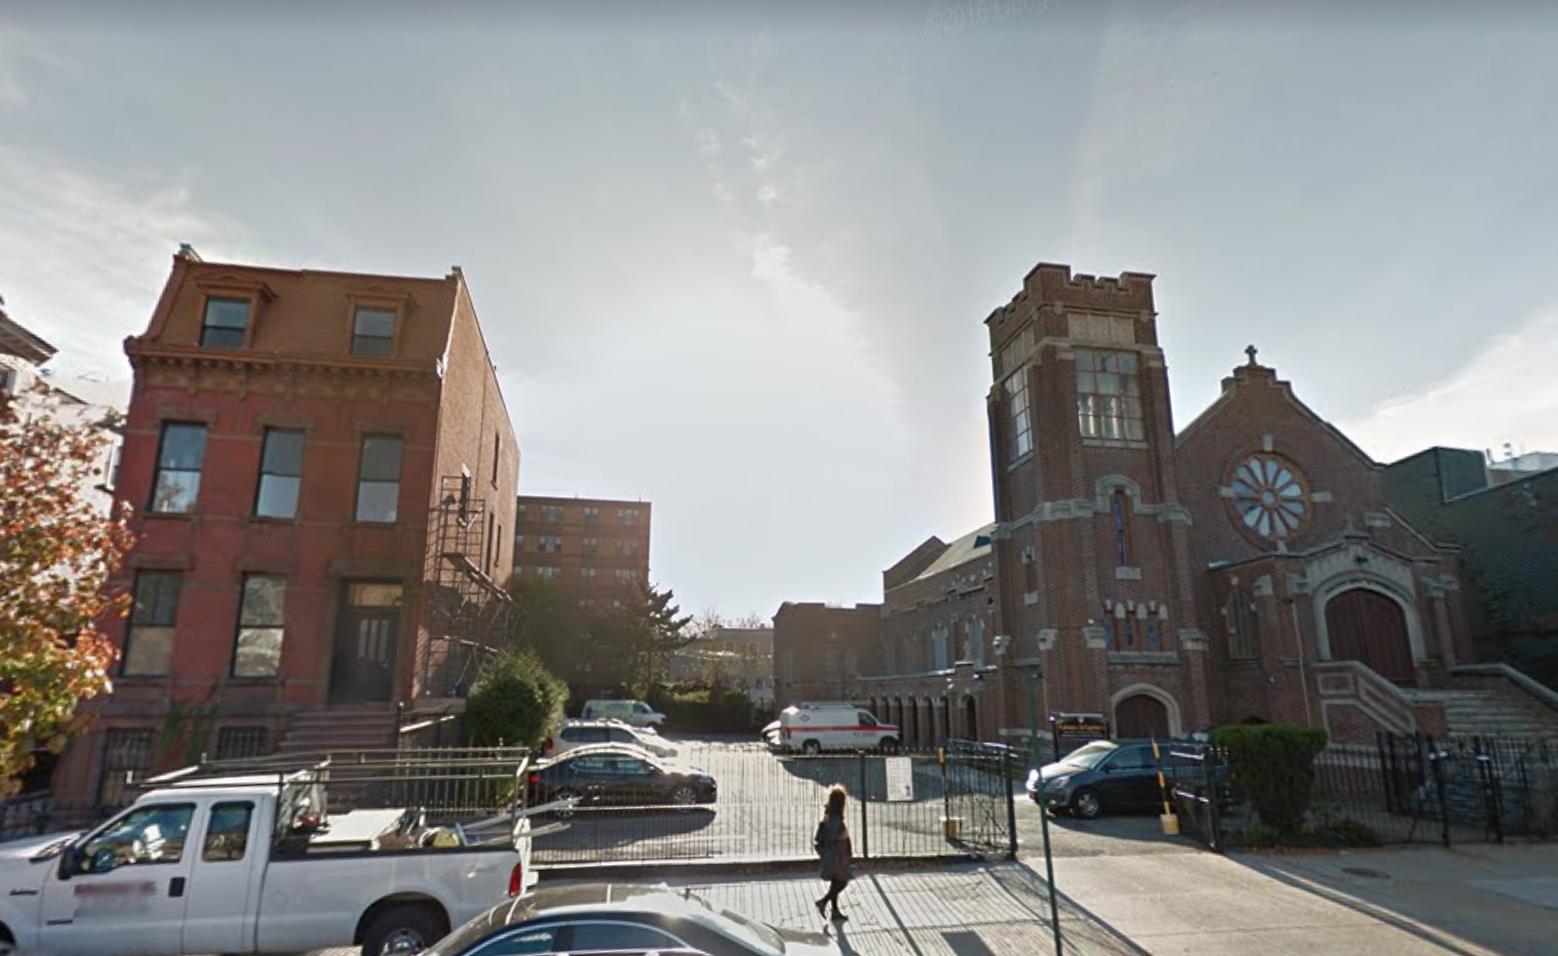 972 Bushwick Avenue